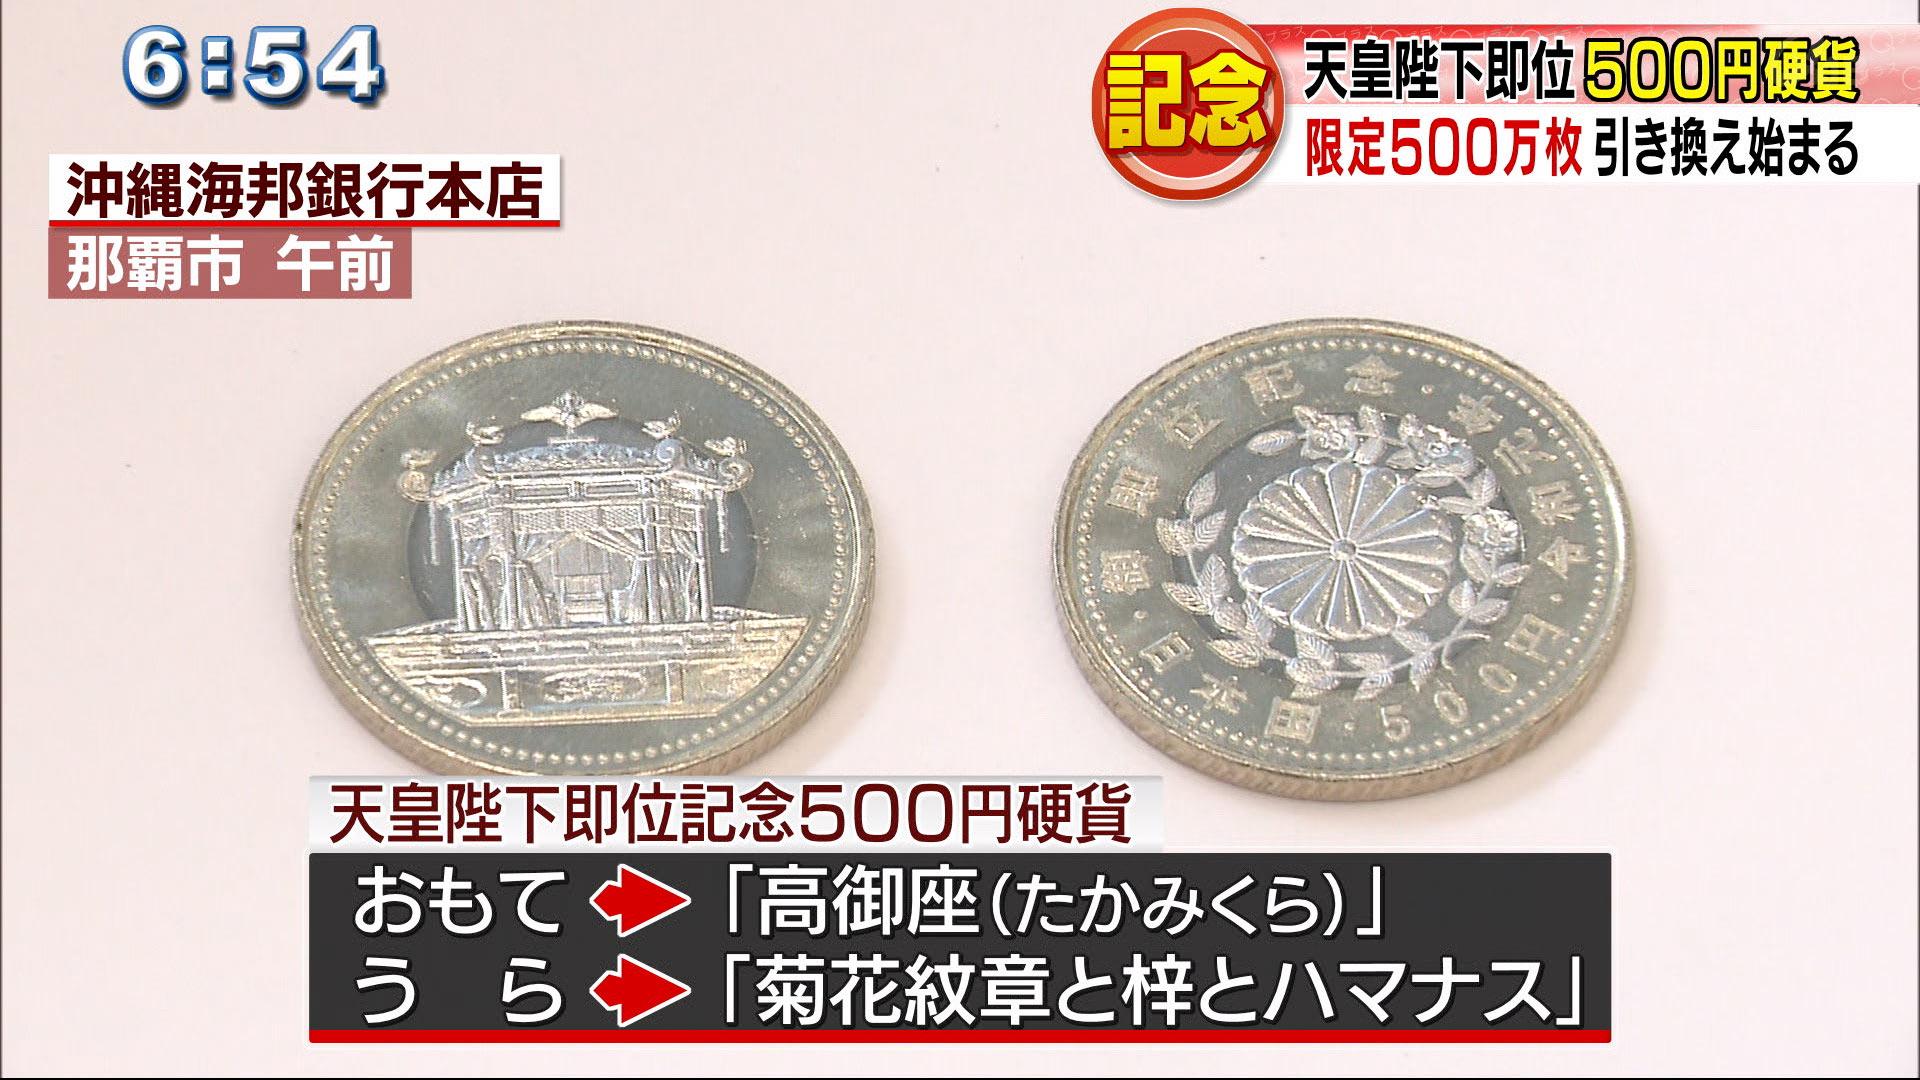 天皇陛下即位記念500円硬貨の引き換え始まる